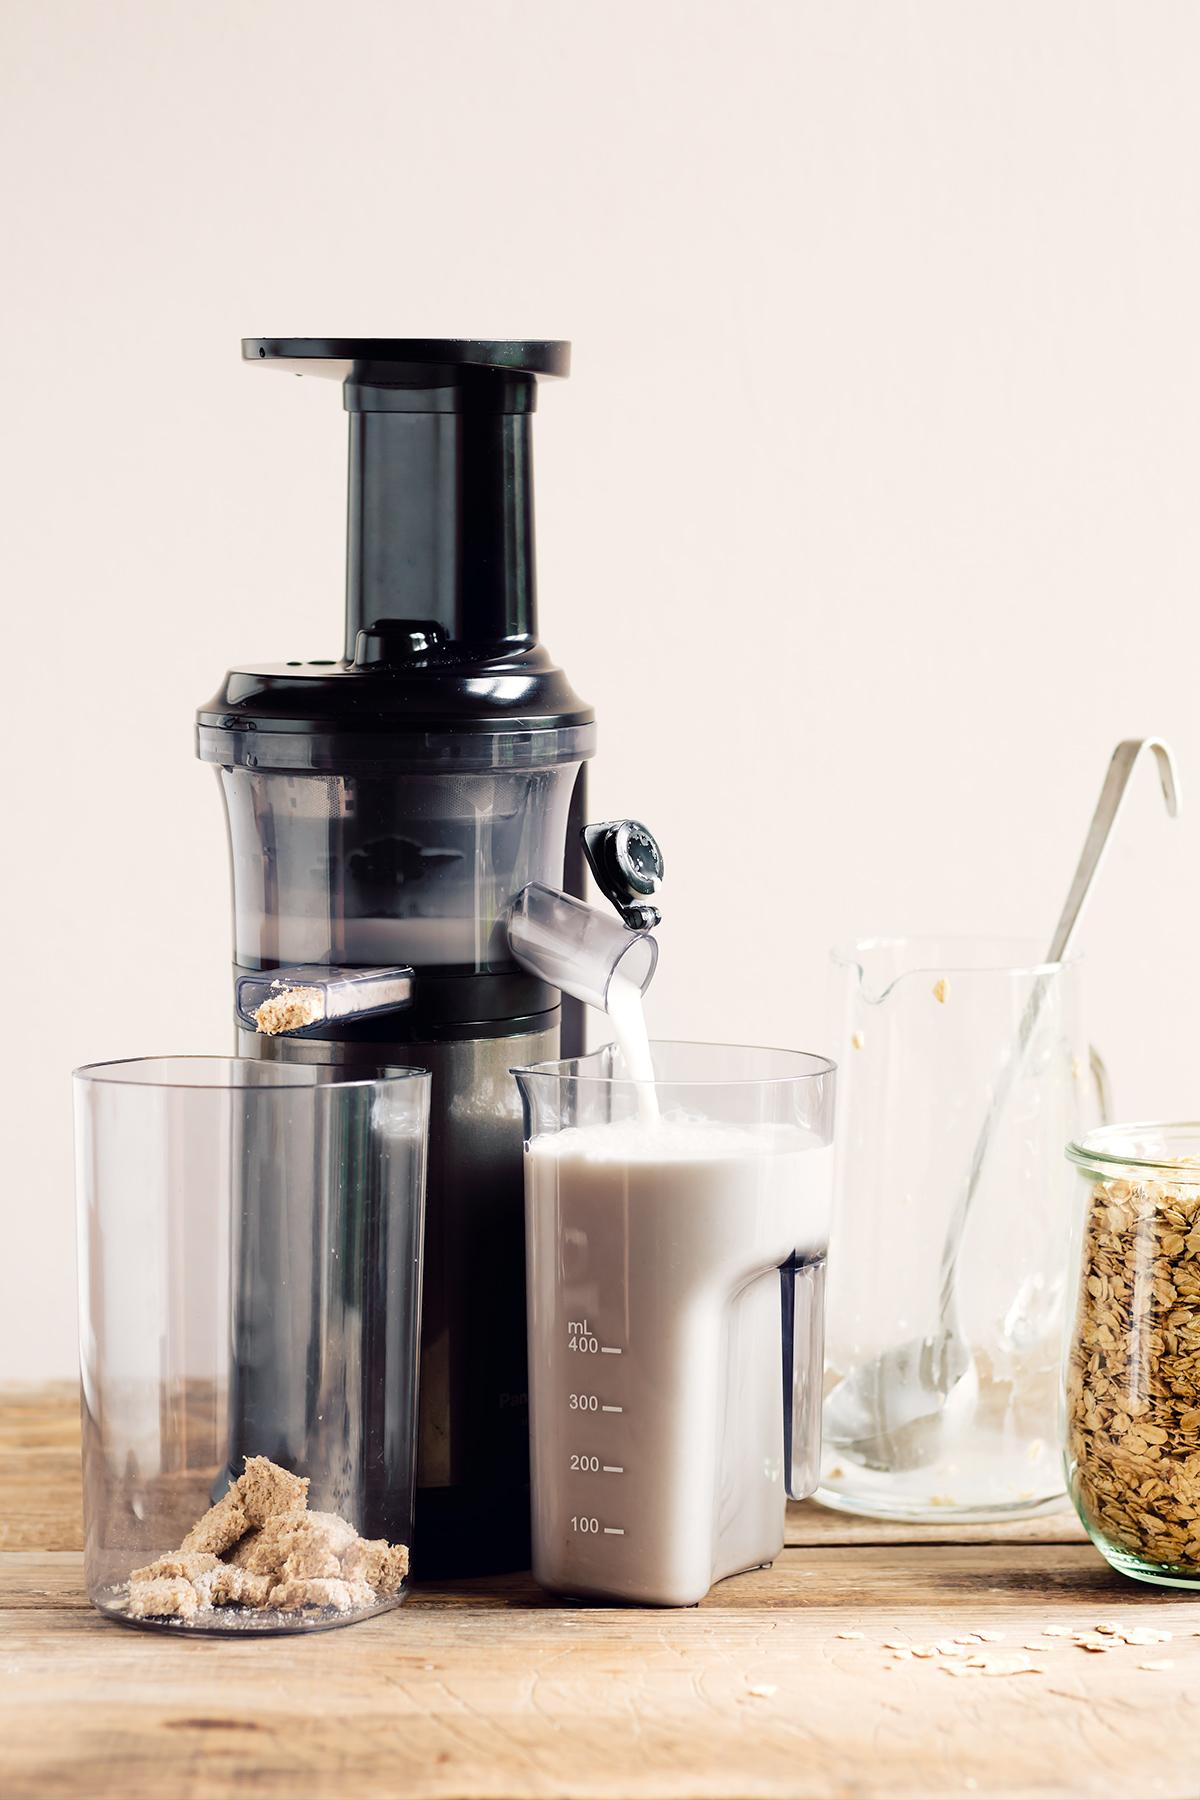 how to make homemade OAT MILK recipe vegan glutenfree nutfree come preparare il latte di avena fatto in casa senza glutine senza lattosio